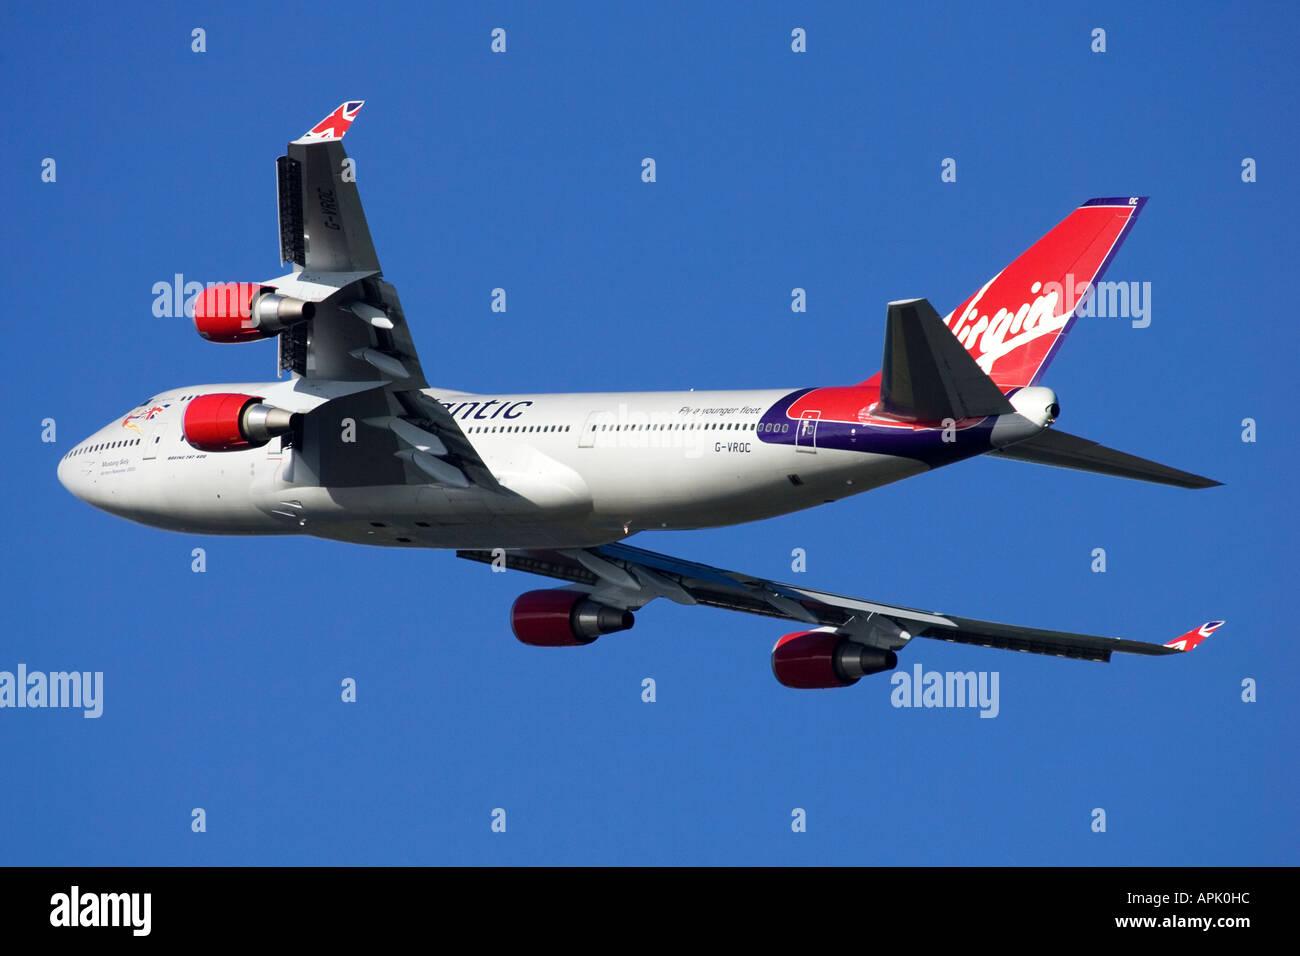 Aeroplane commercial passenger civil aviation Virgin Atlantic Boeing 747  400 Jumbo Jet